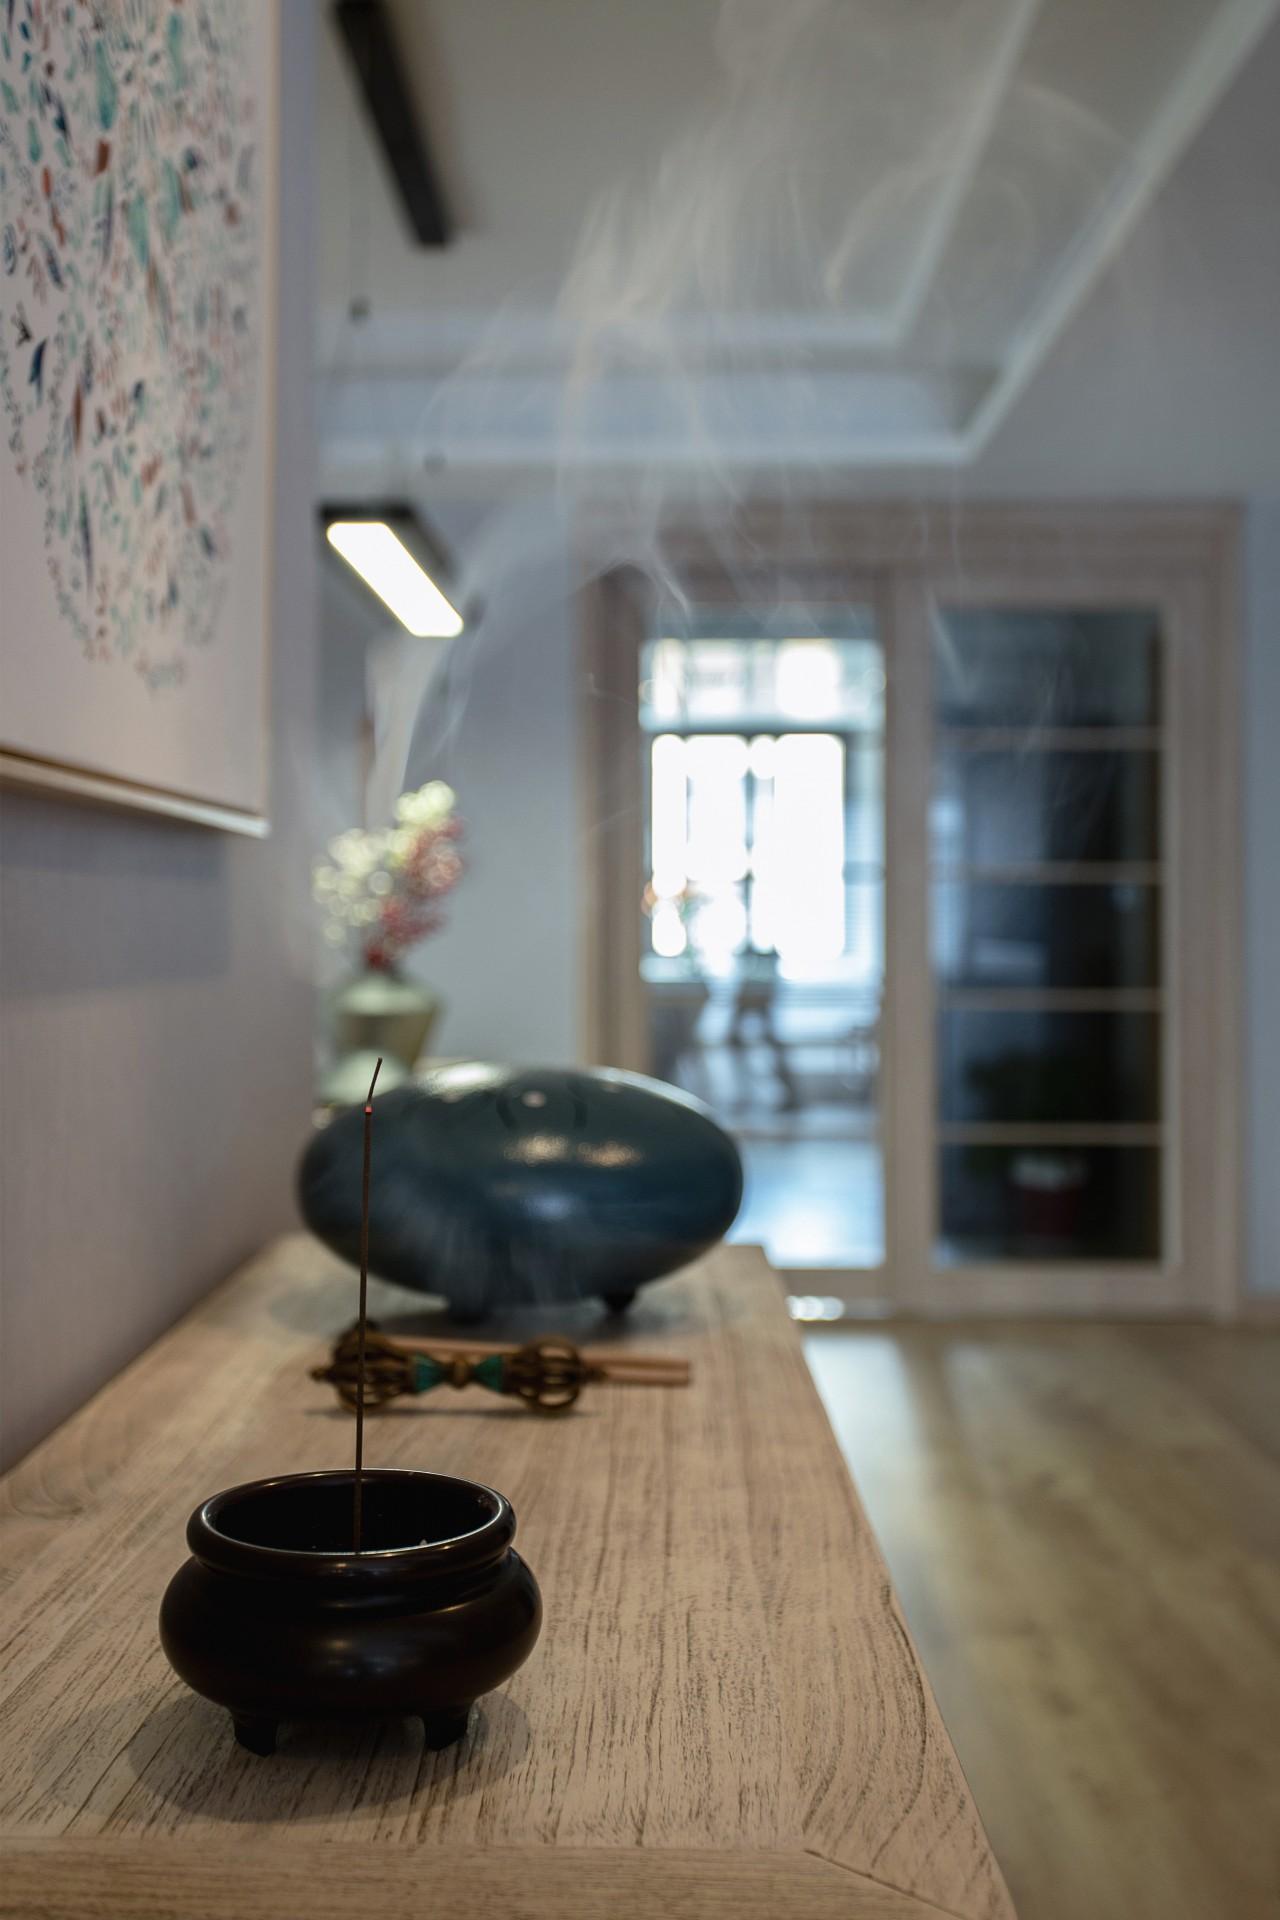 客厅玄关,焚香也是女主爱好和习惯之一.jpg